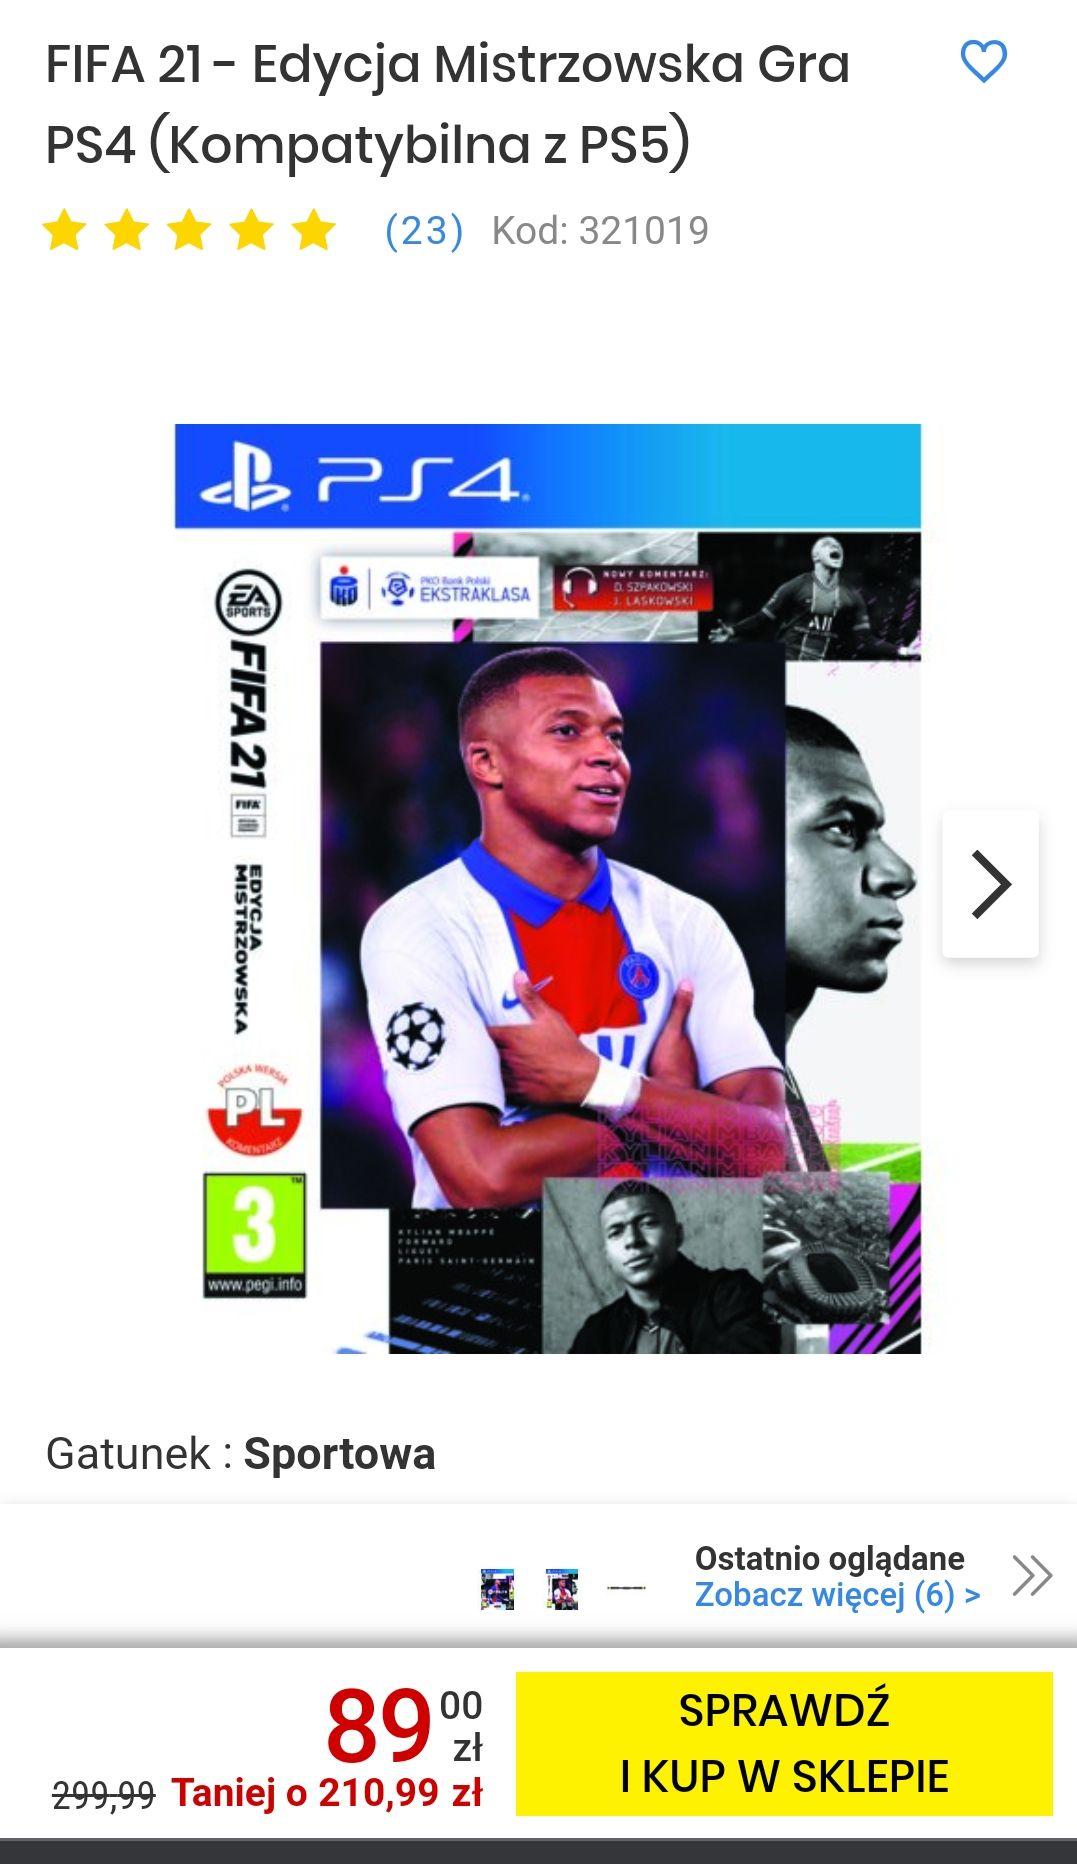 FIFA 21 - Edycja Mistrzowska Gra PS4 (Kompatybilna z PS5)-dostepny w sklepach stacjonarnych